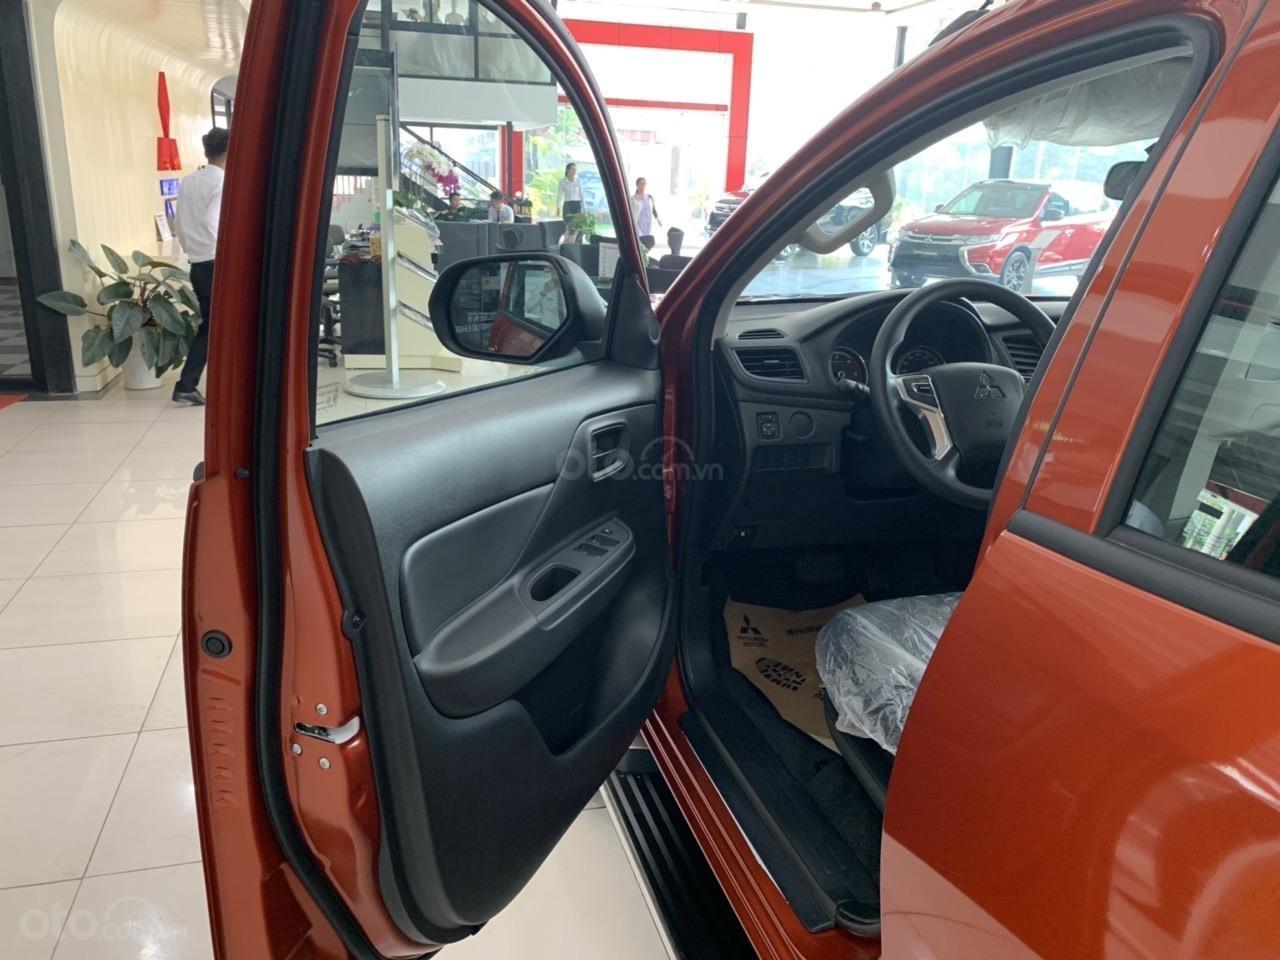 Mitsubishi Triton 4x2 AT Mivec màu cam nhập khẩu giá chỉ 630 triệu, giảm giá tốt nhất thị trường (18)